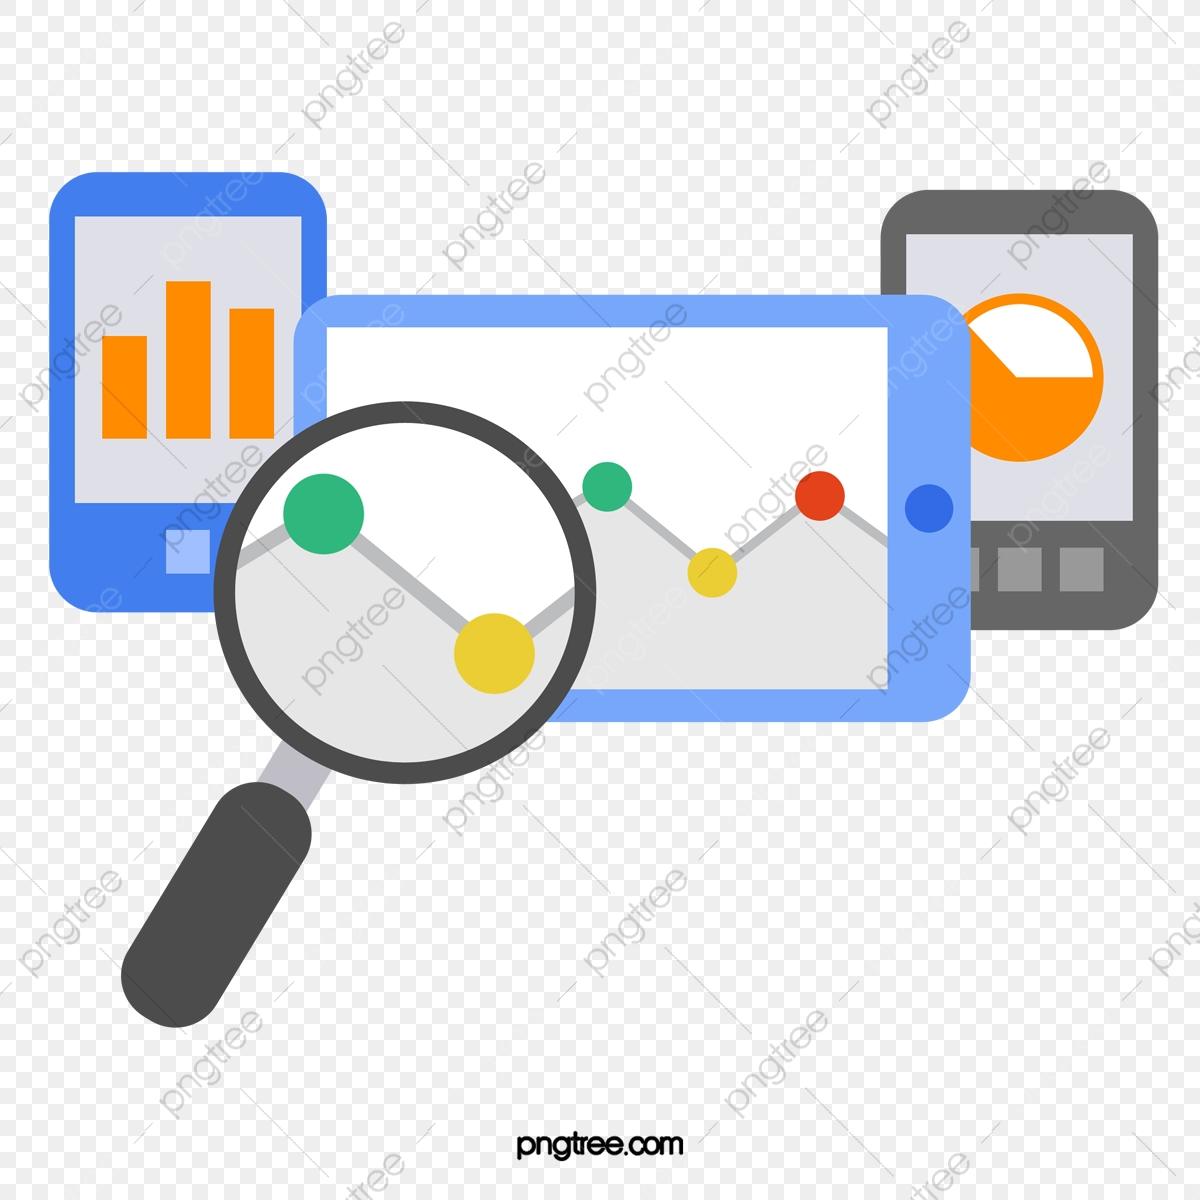 Data Analysis Icon, Data Analysis, Pattern, Icon PNG Transparent.